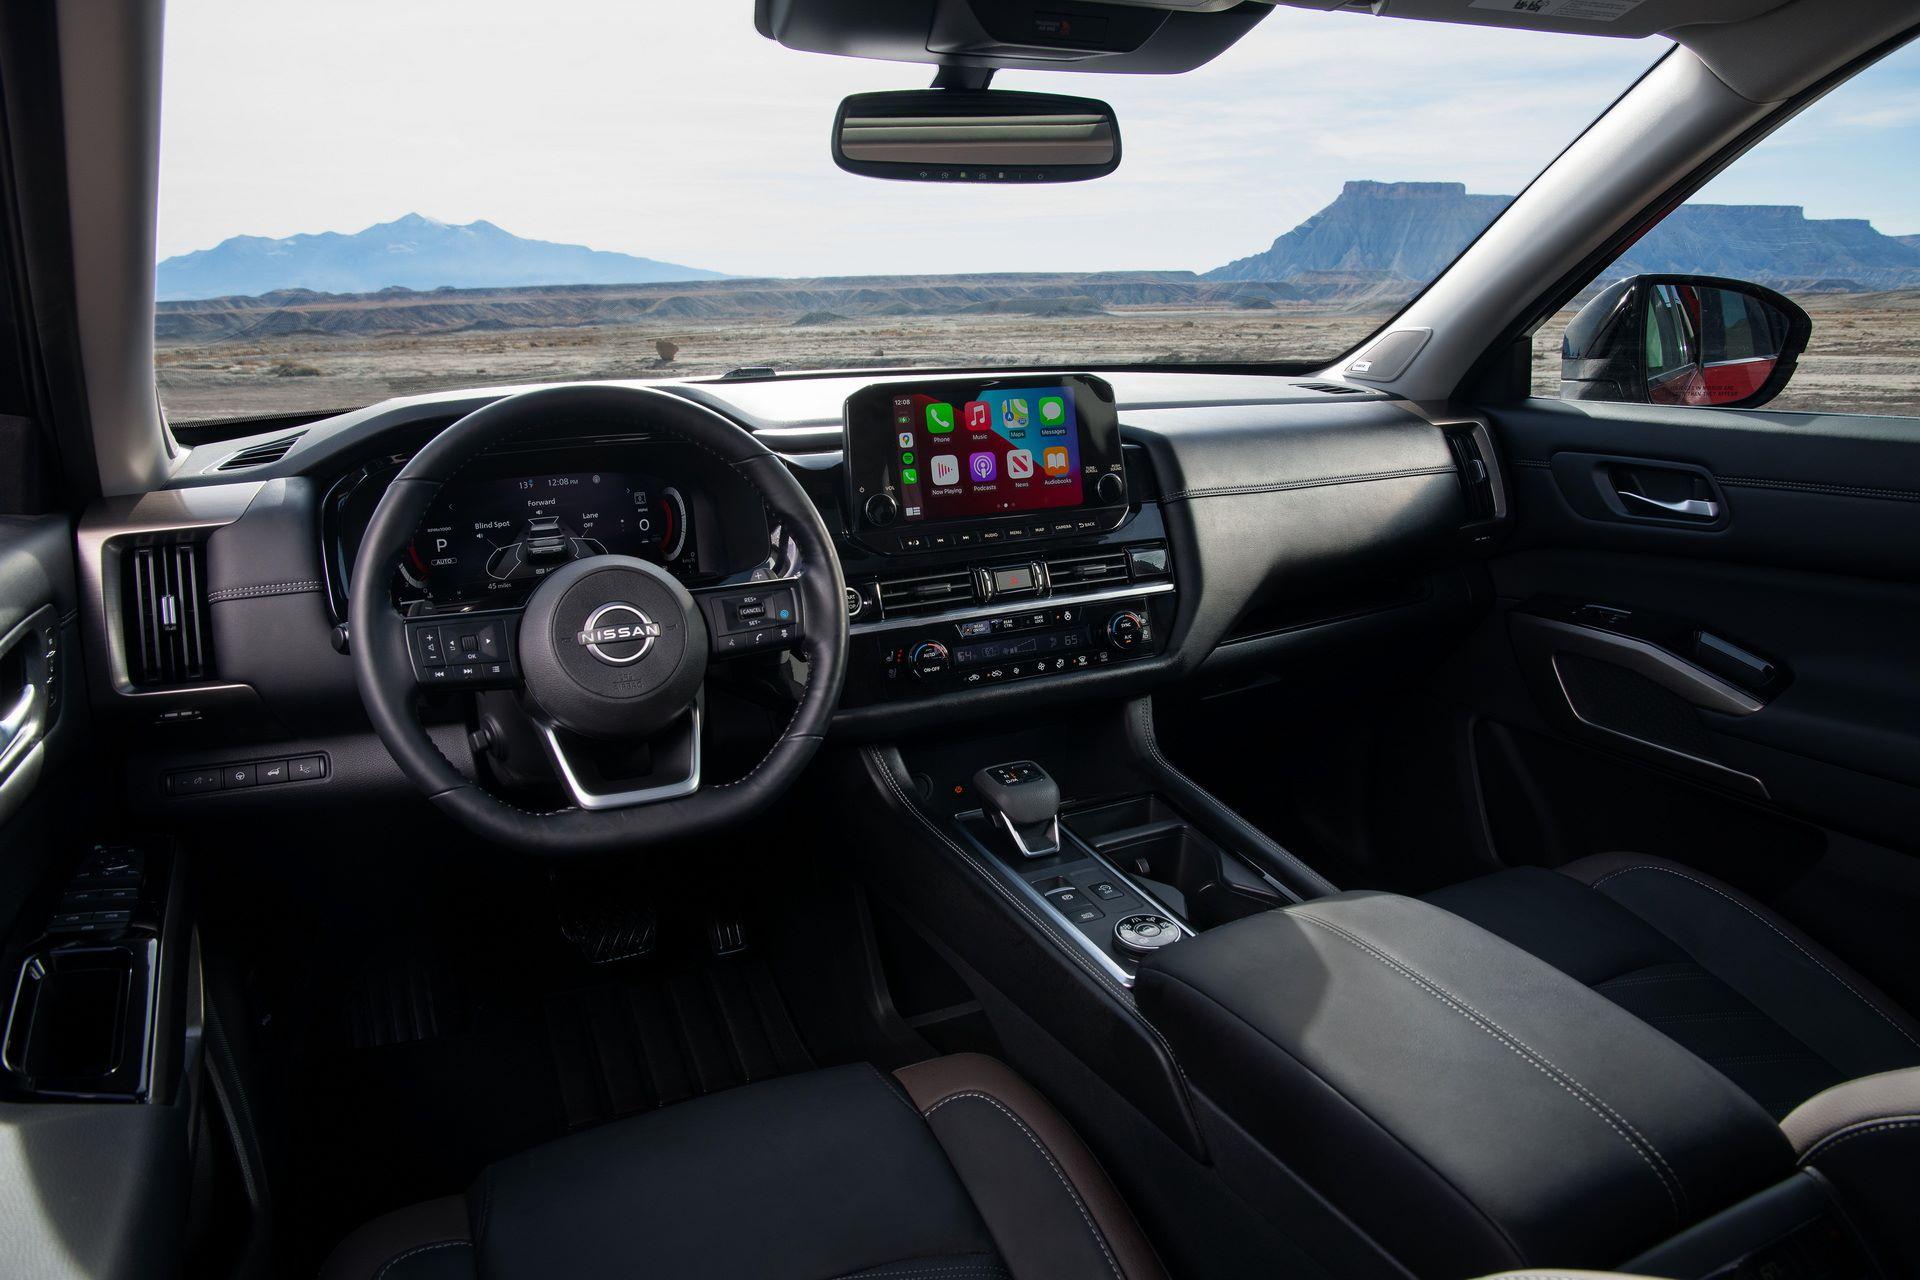 Nissan-Pathfinder-20